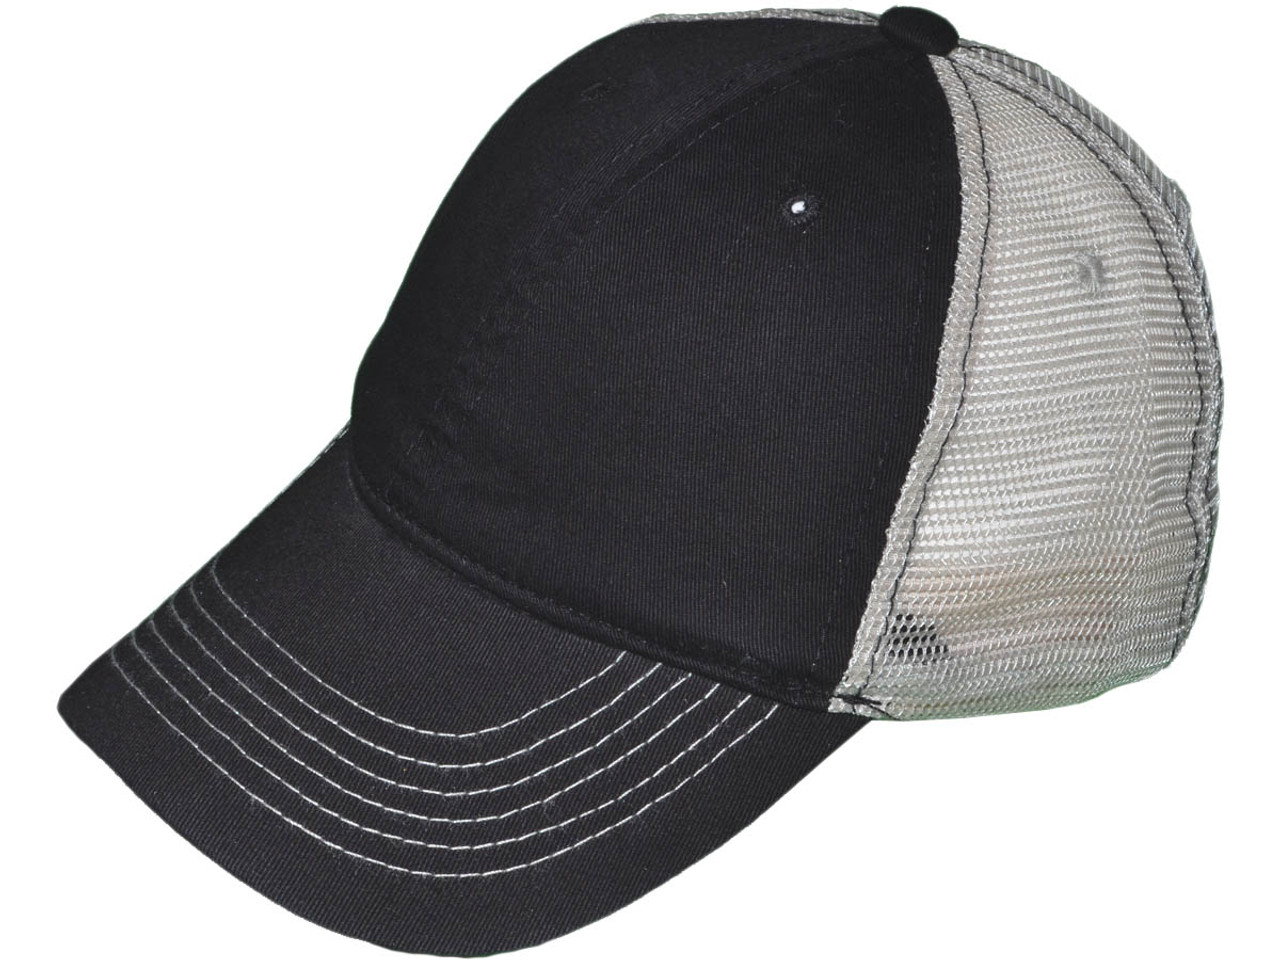 Wholesale Unstructured Trucker Hats - BK Caps Low Profile 6 Panel ... c59c5835deb